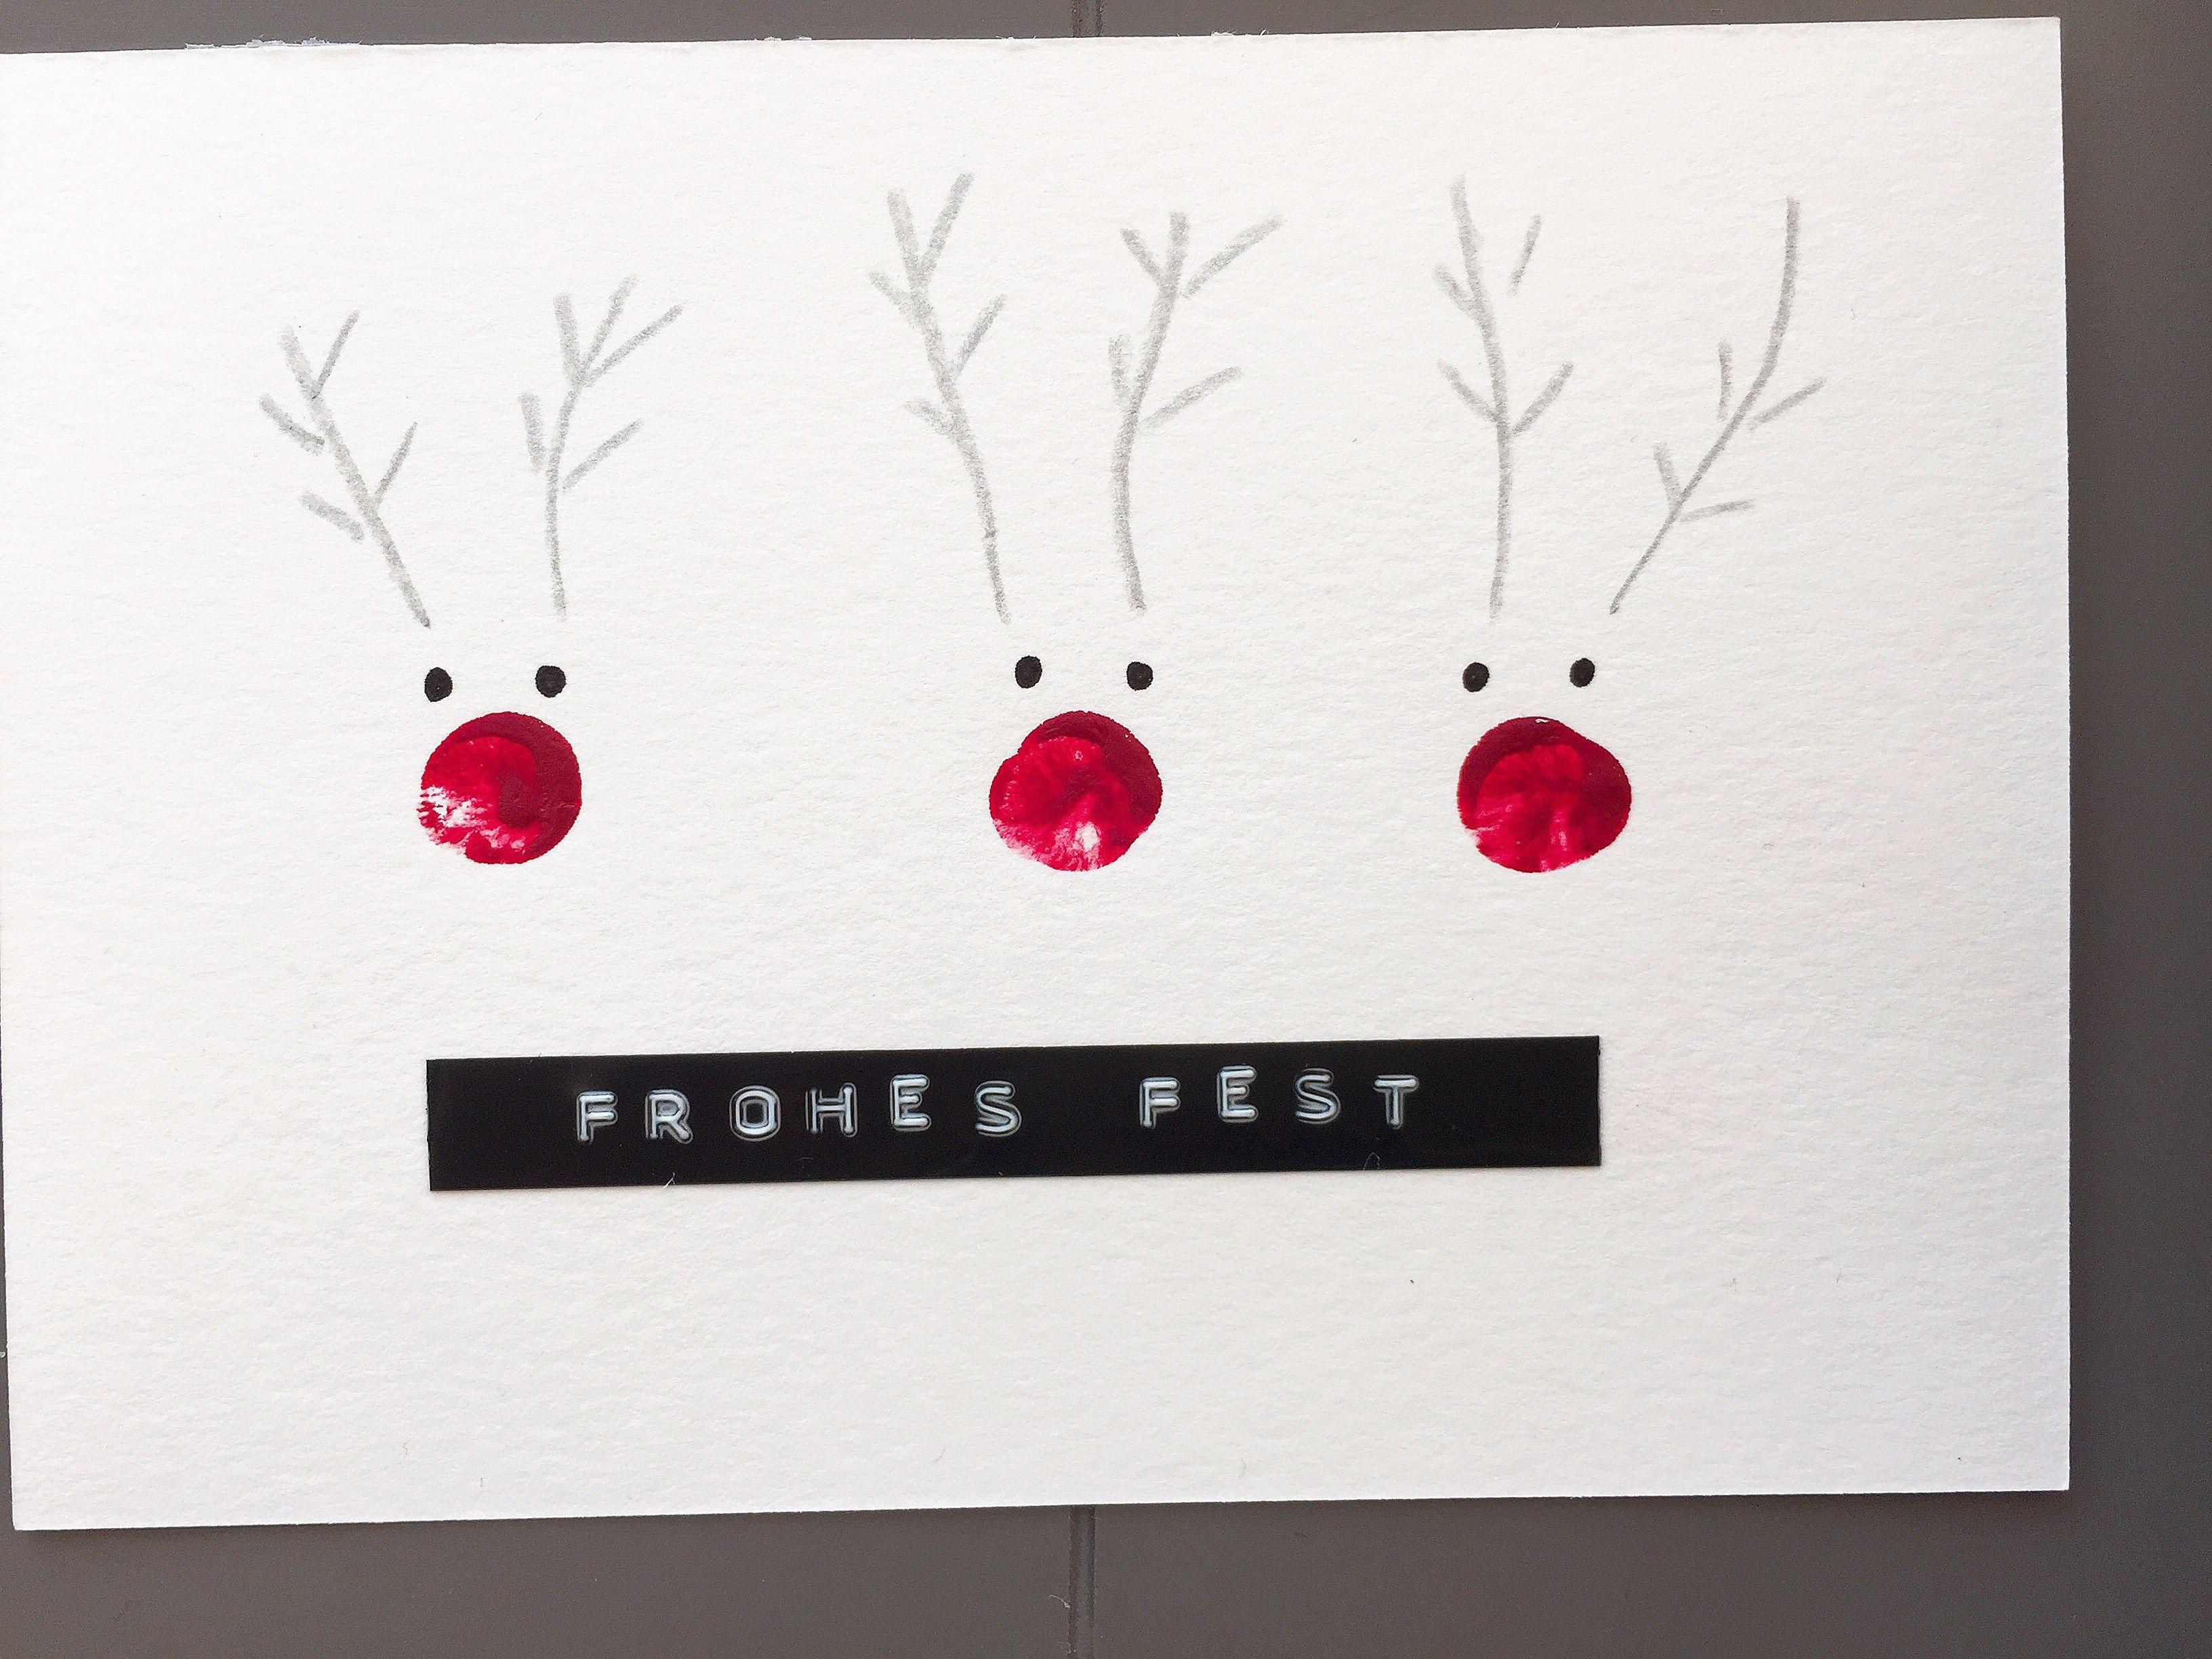 gr e zu weihnachten sp che texte w nsche f r weihnachtskarten gr e zu weihnachten